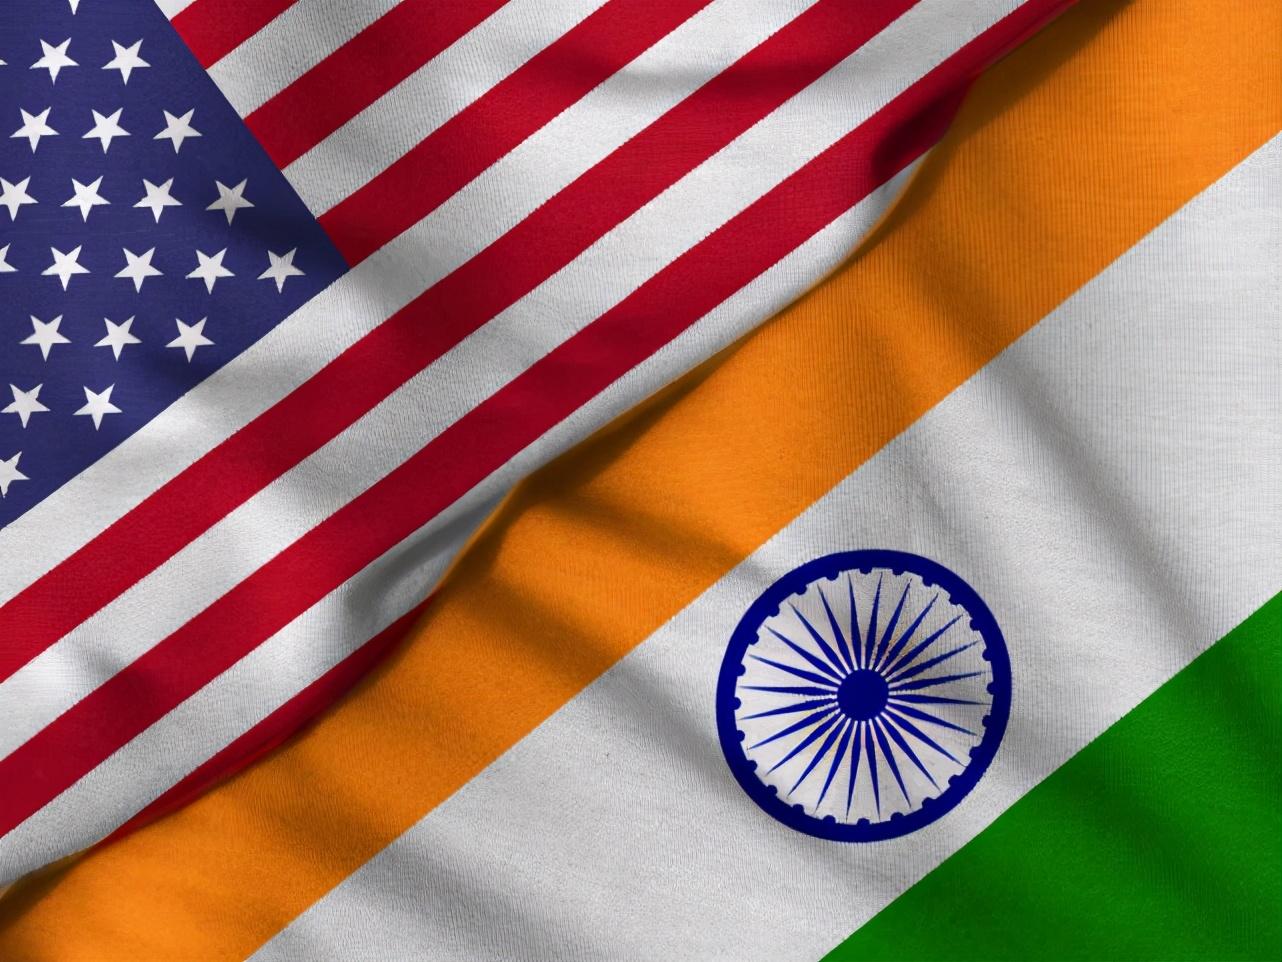 美军官称正协助印度监视中国军队,印媒:可让印军导弹更有优势